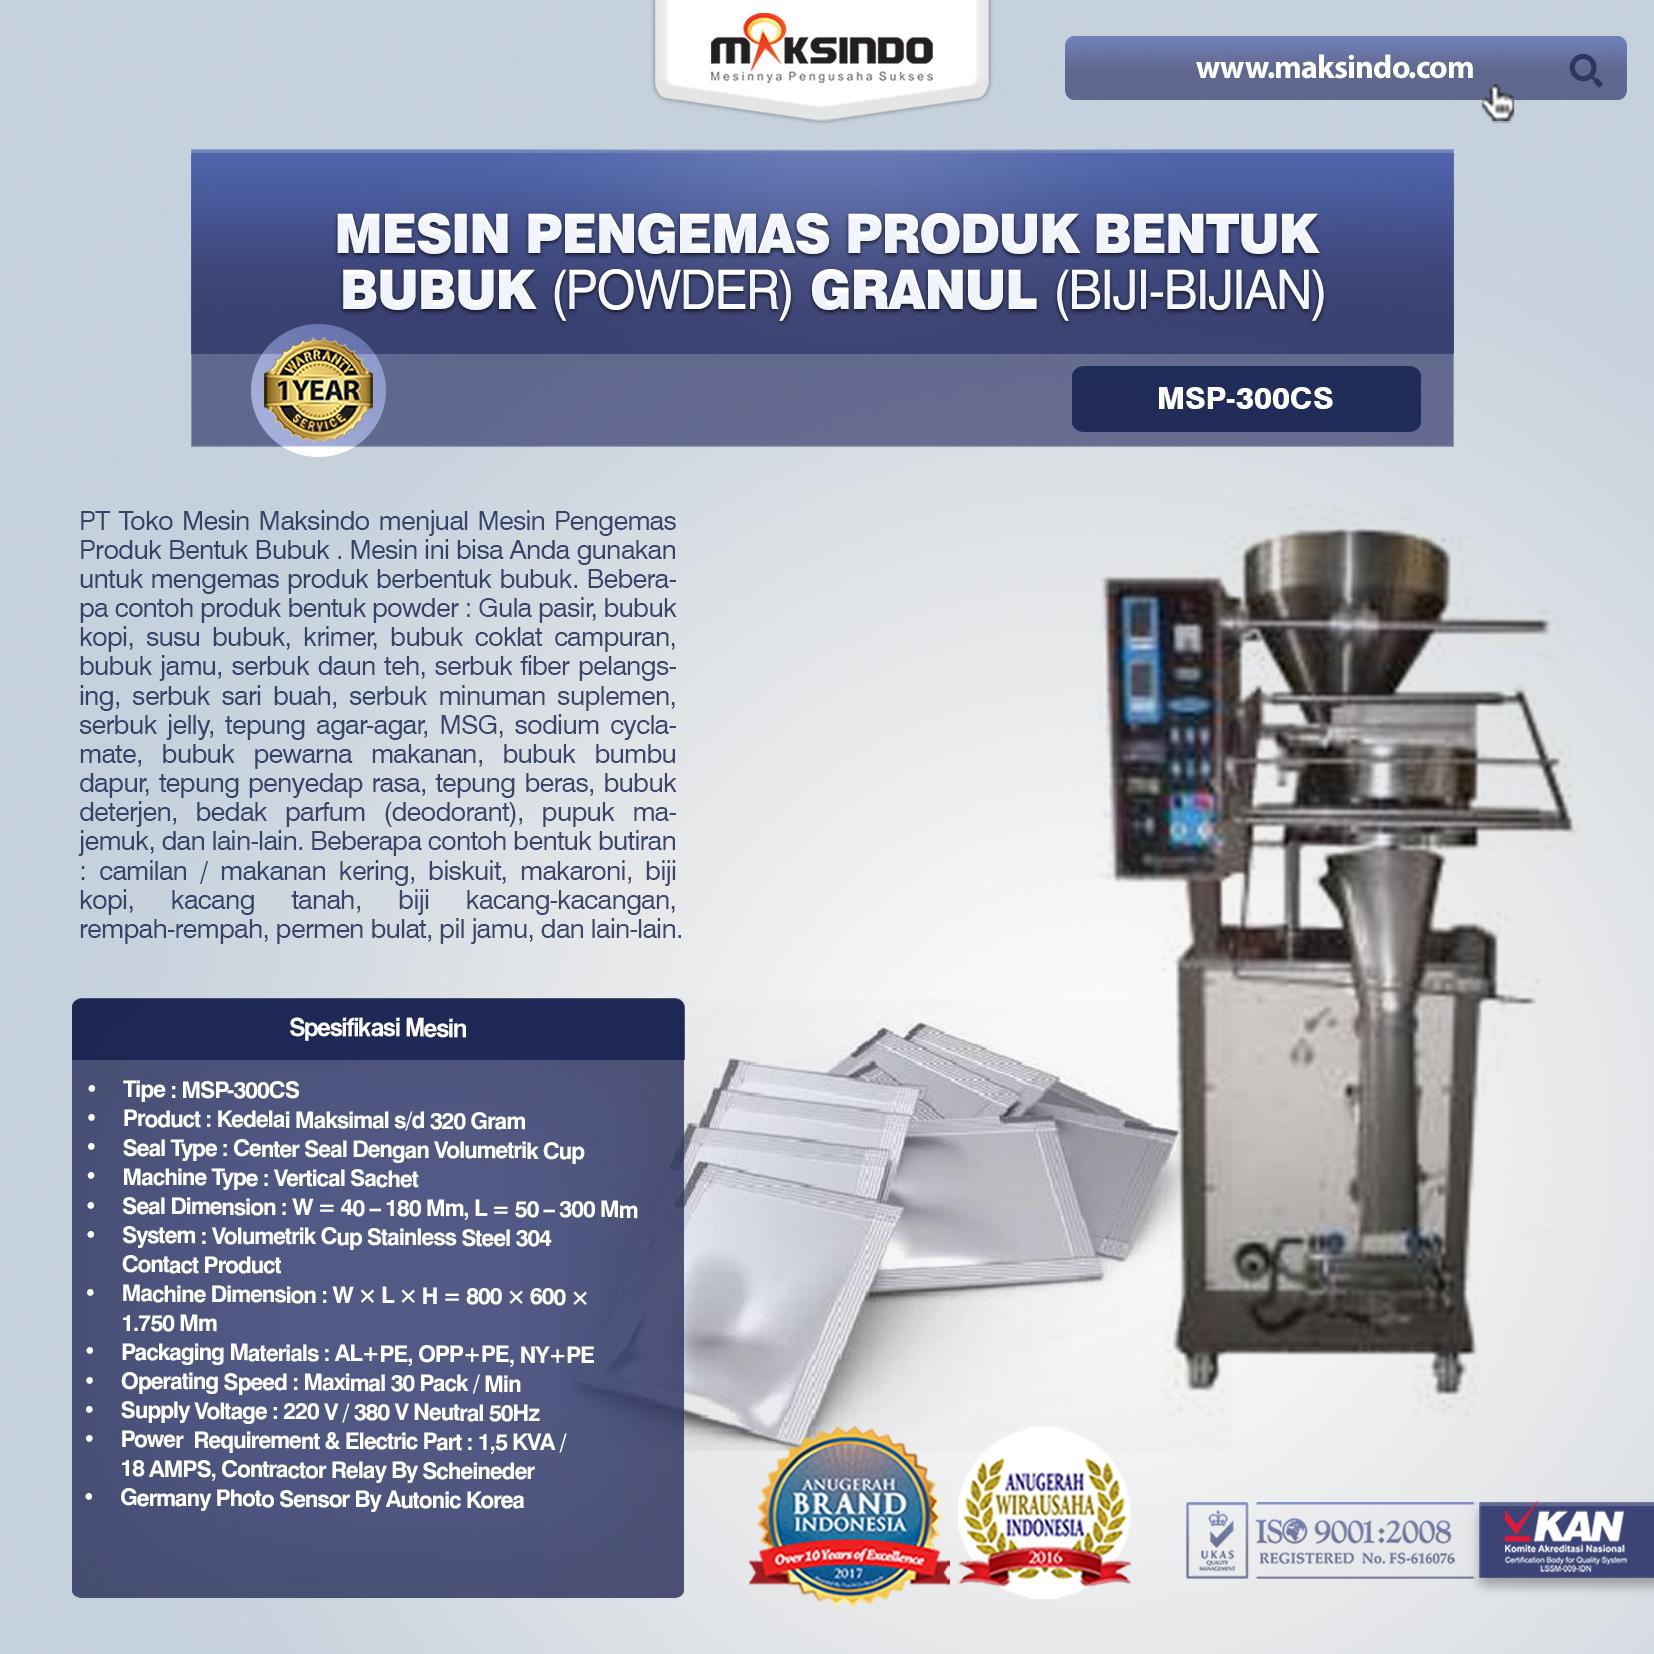 Mesin Pengemas Produk Bentuk BUBUK (POWDER) GRANUL (BIJI-BIJIAN) MSP-300CS